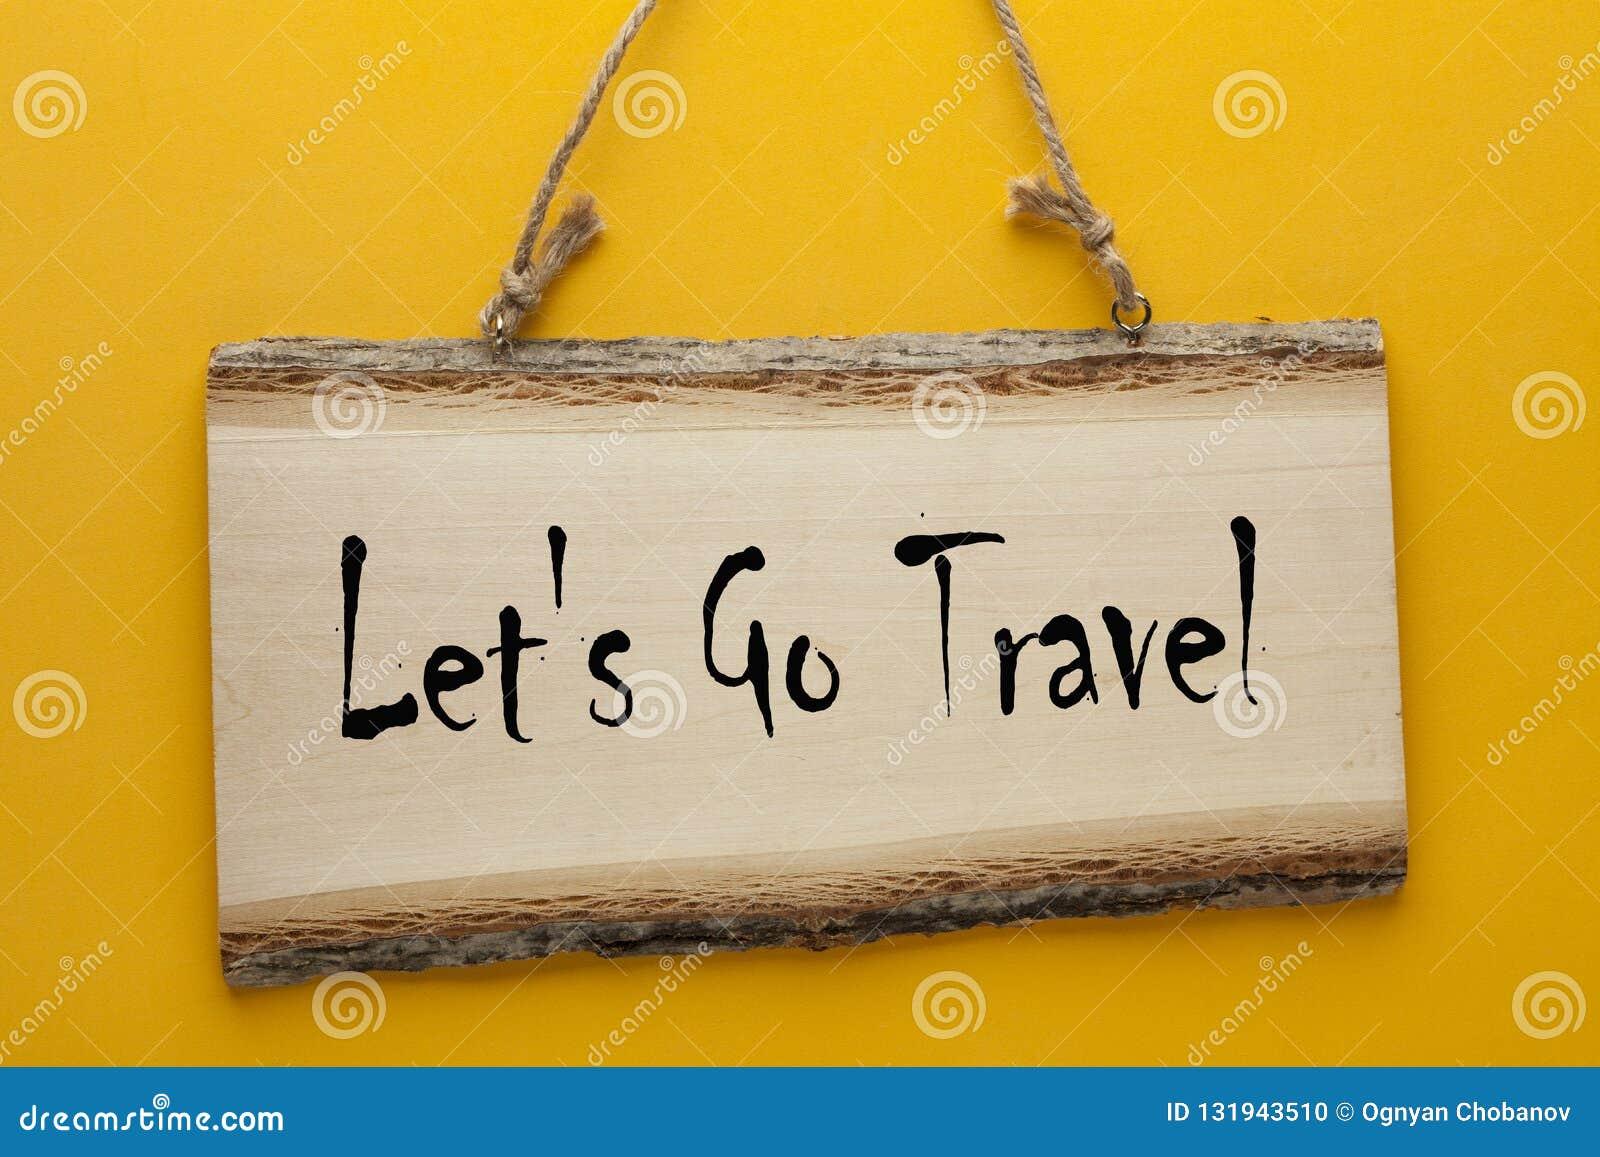 Partons pour voyager concept